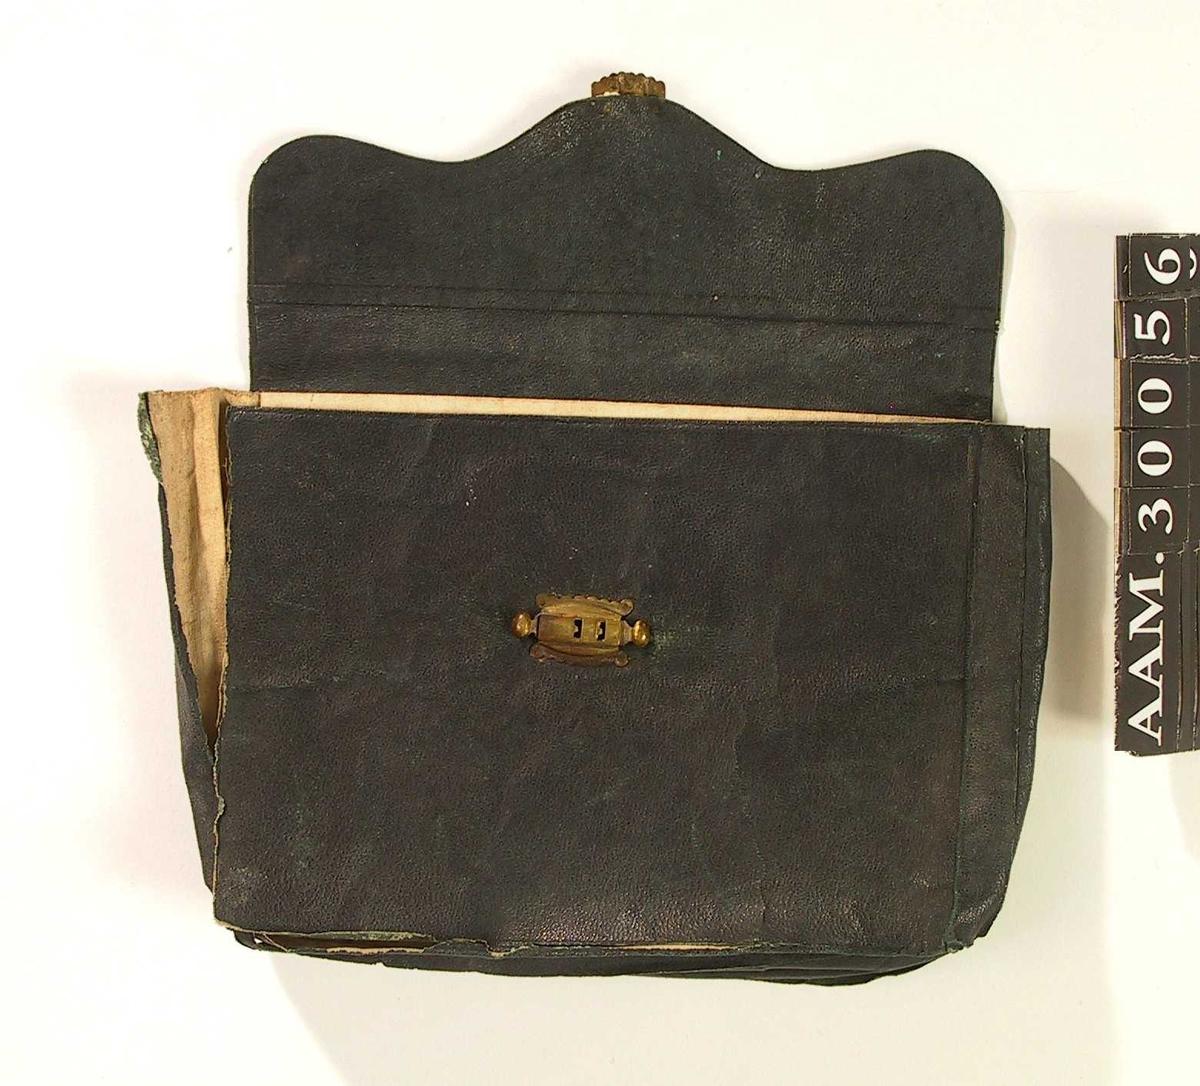 Form: Som en mappe, lukkes ved at baksiden med bølgeformet avslutning brettes over forsiden og lukkes der med lås.